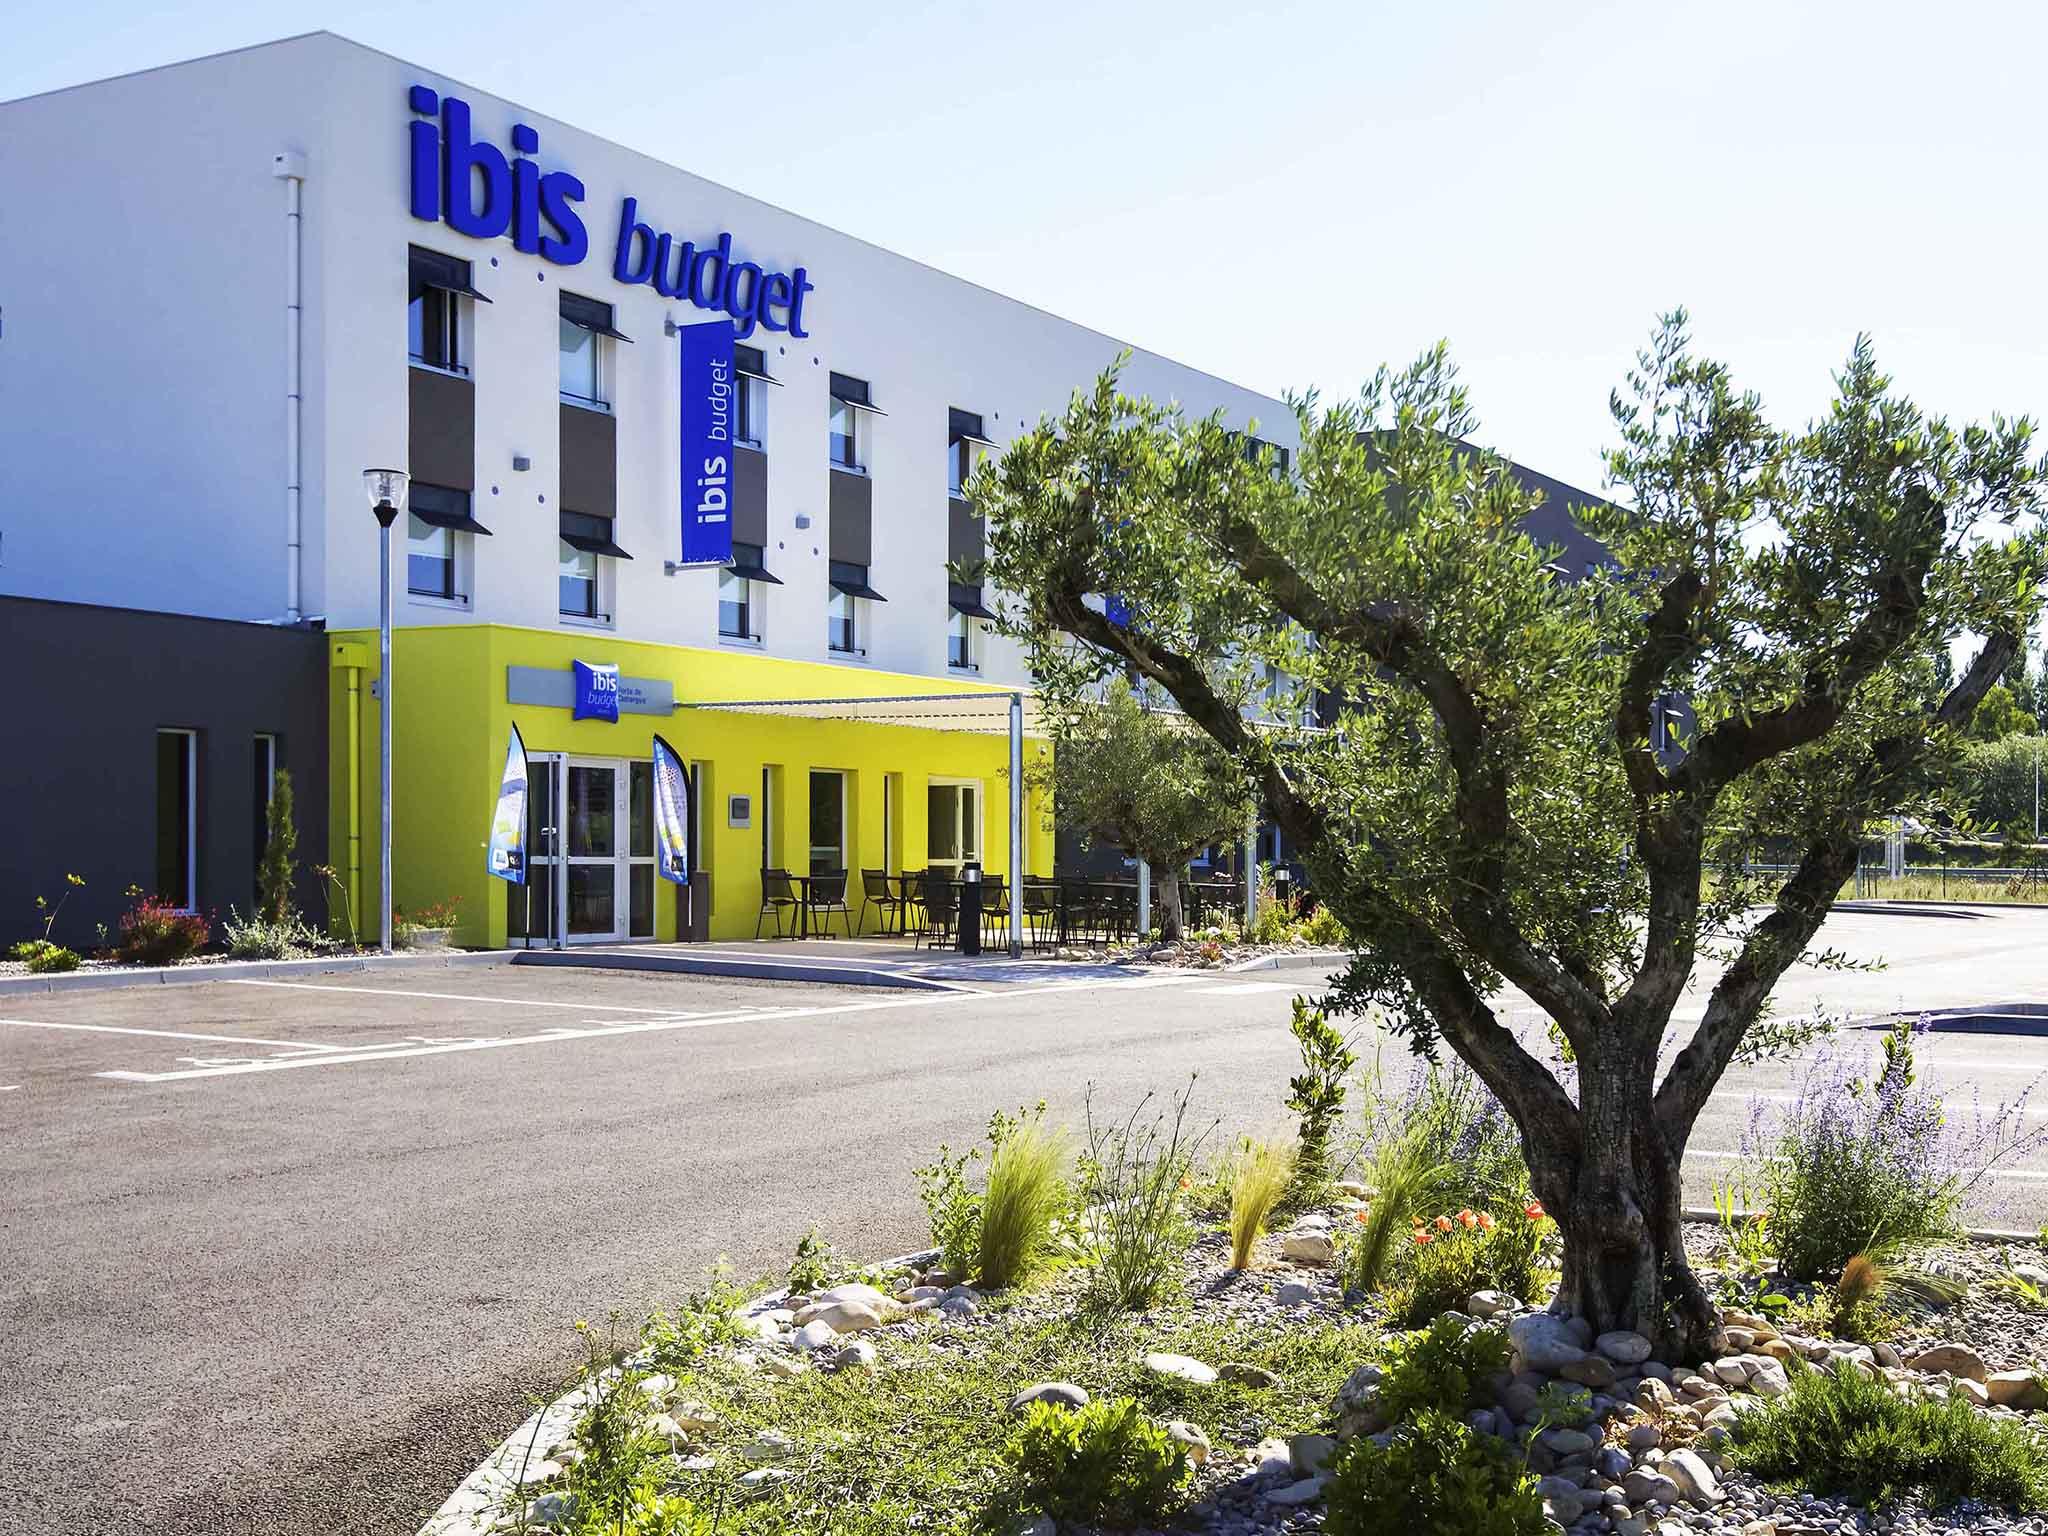 Hotel – ibis budget Saint Martin de Crau Porte de Camargue